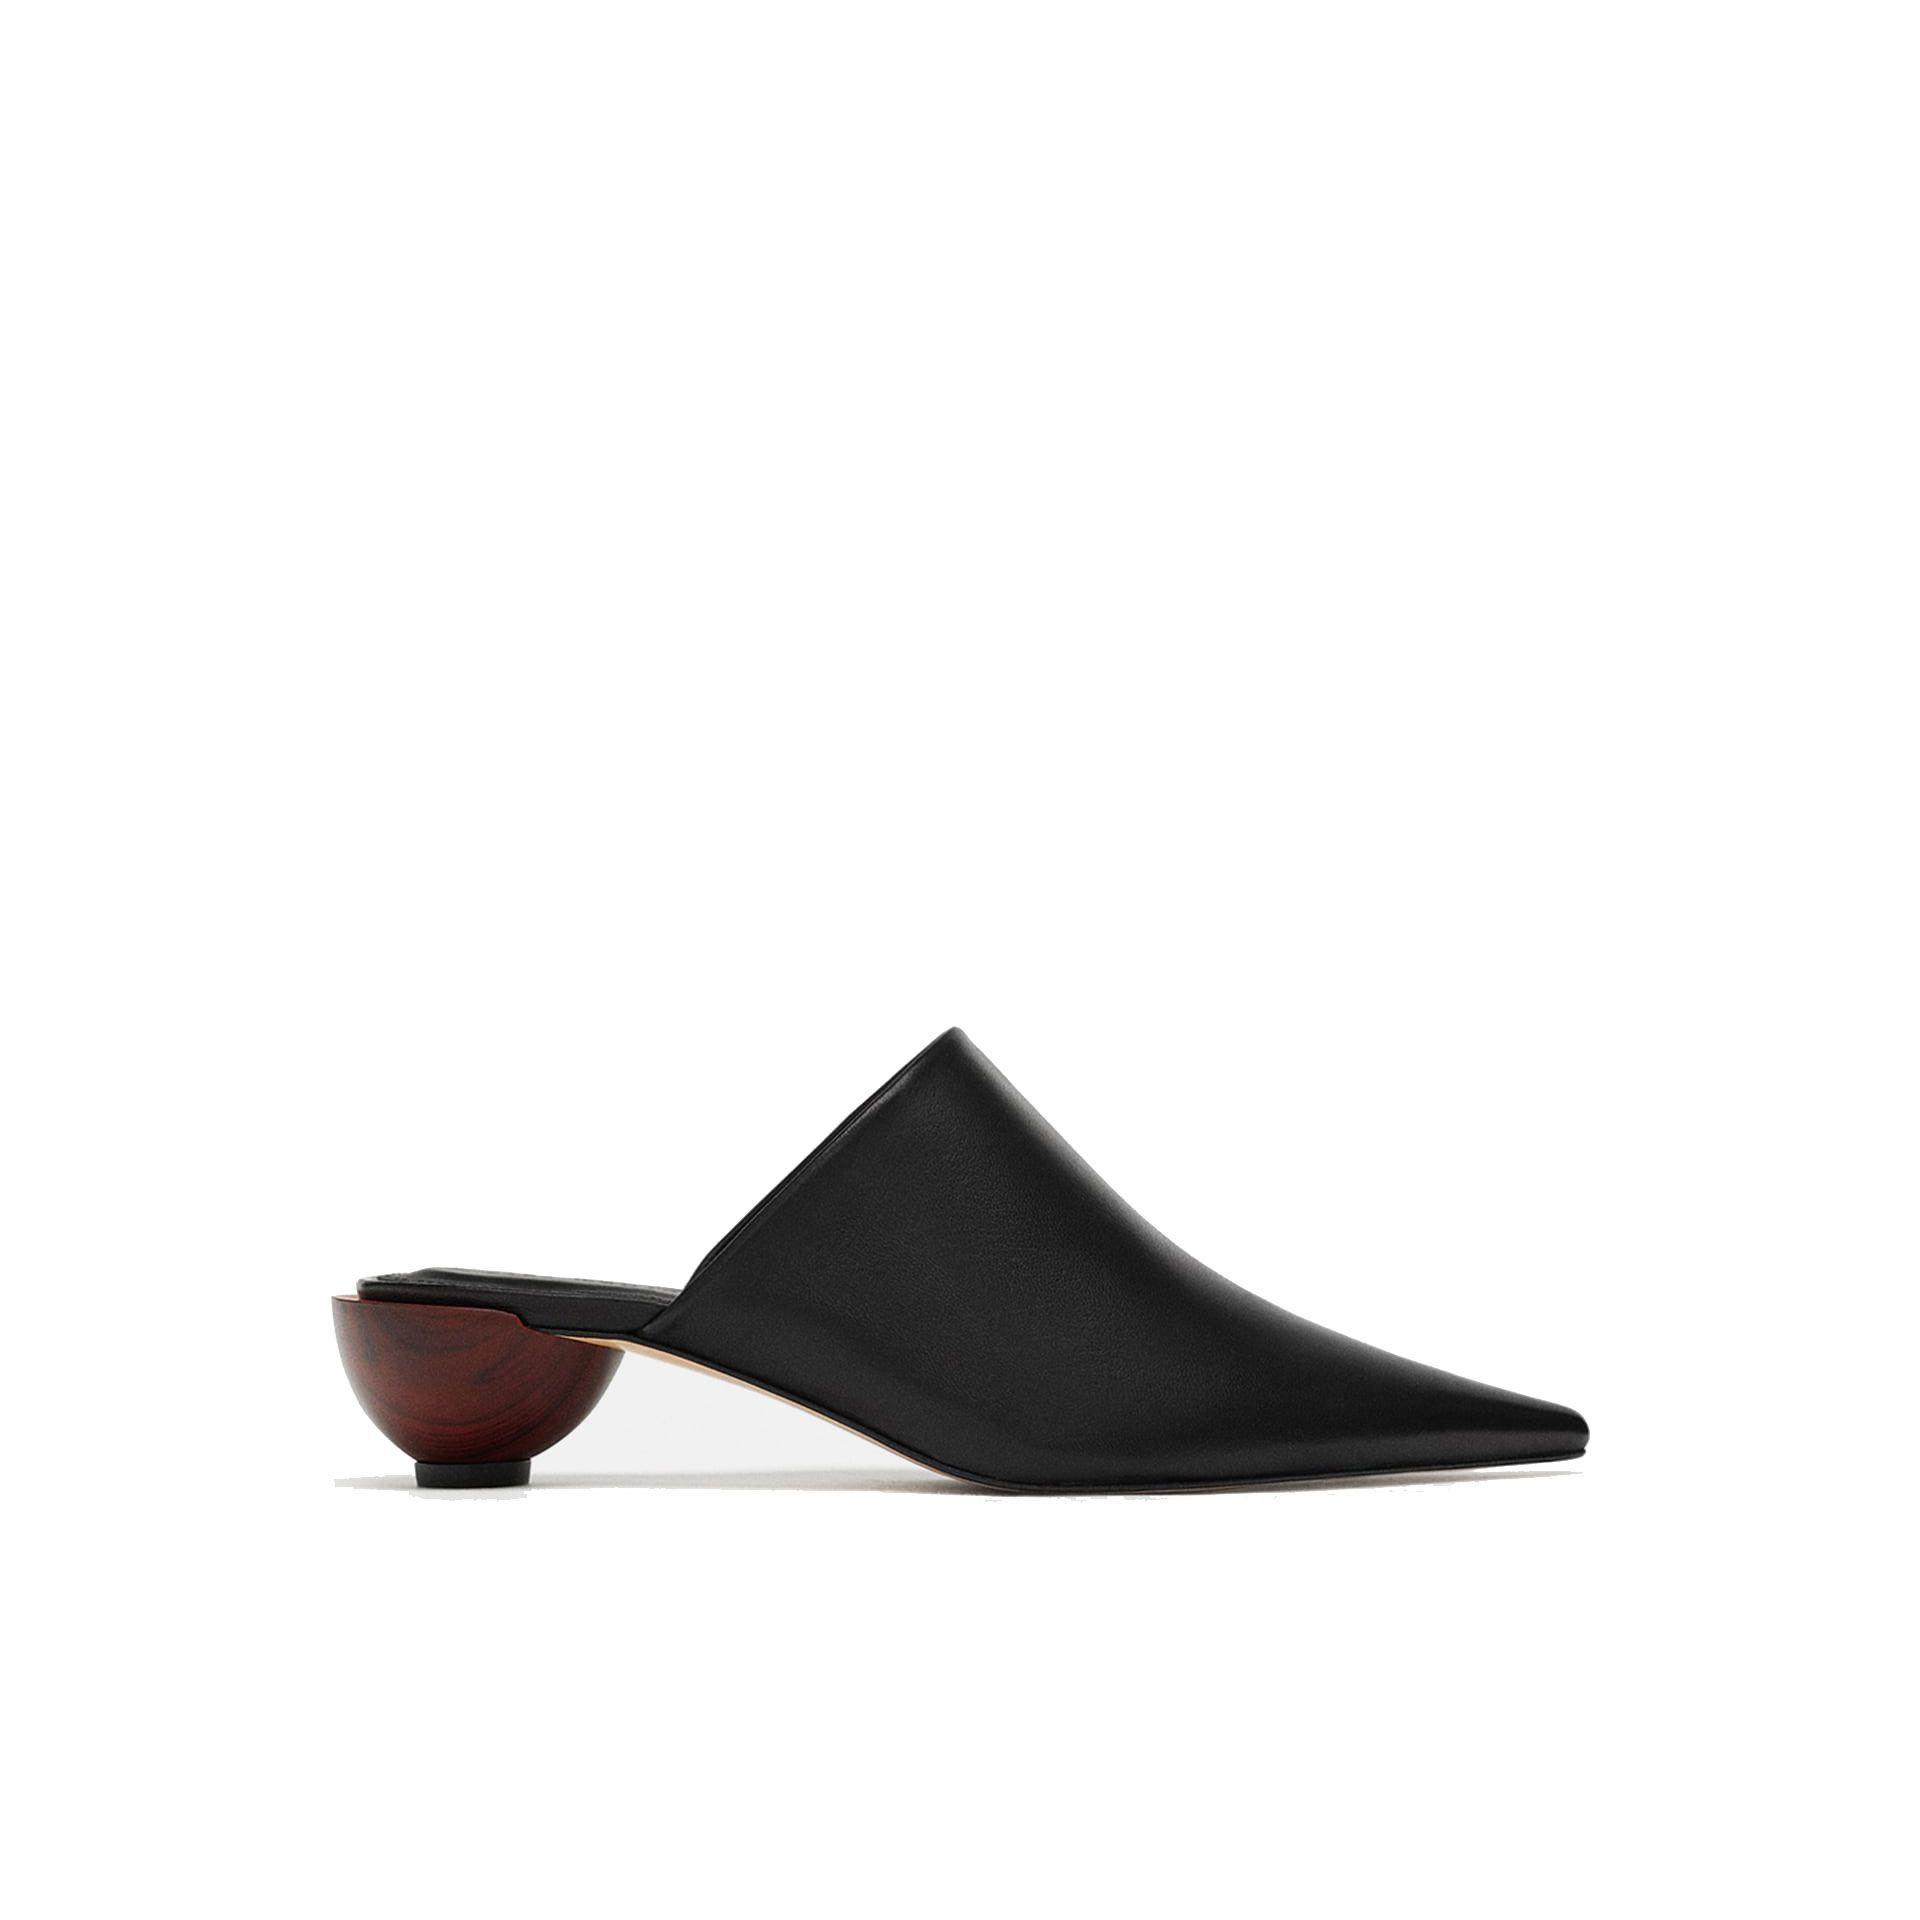 zapatos mujer zara zapatos zara zapatos mujer zara zapatos zara z0POwqAAx 59c372fb13d5